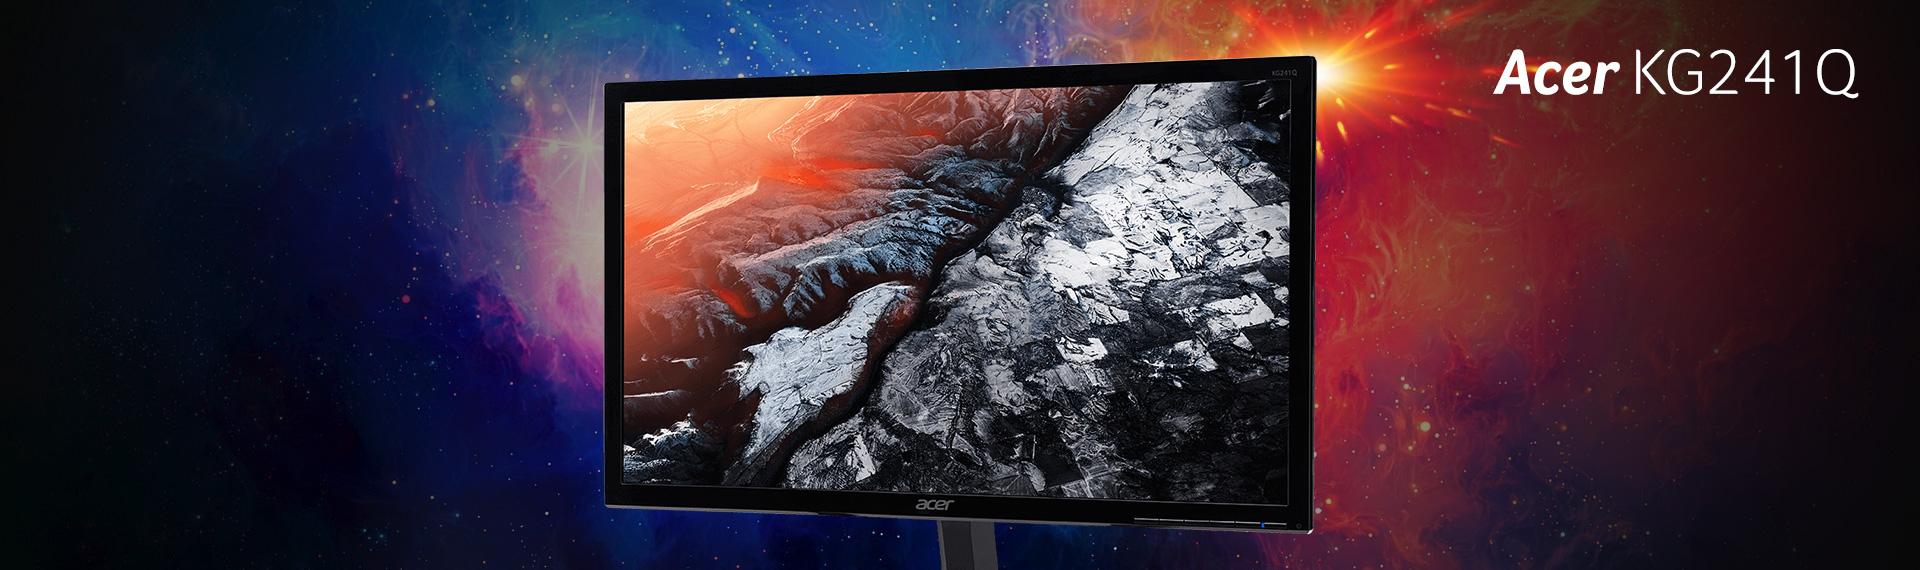 Nikmati Tampilan Detail dan Warna Memukau dari Monitor Acer KG241Q